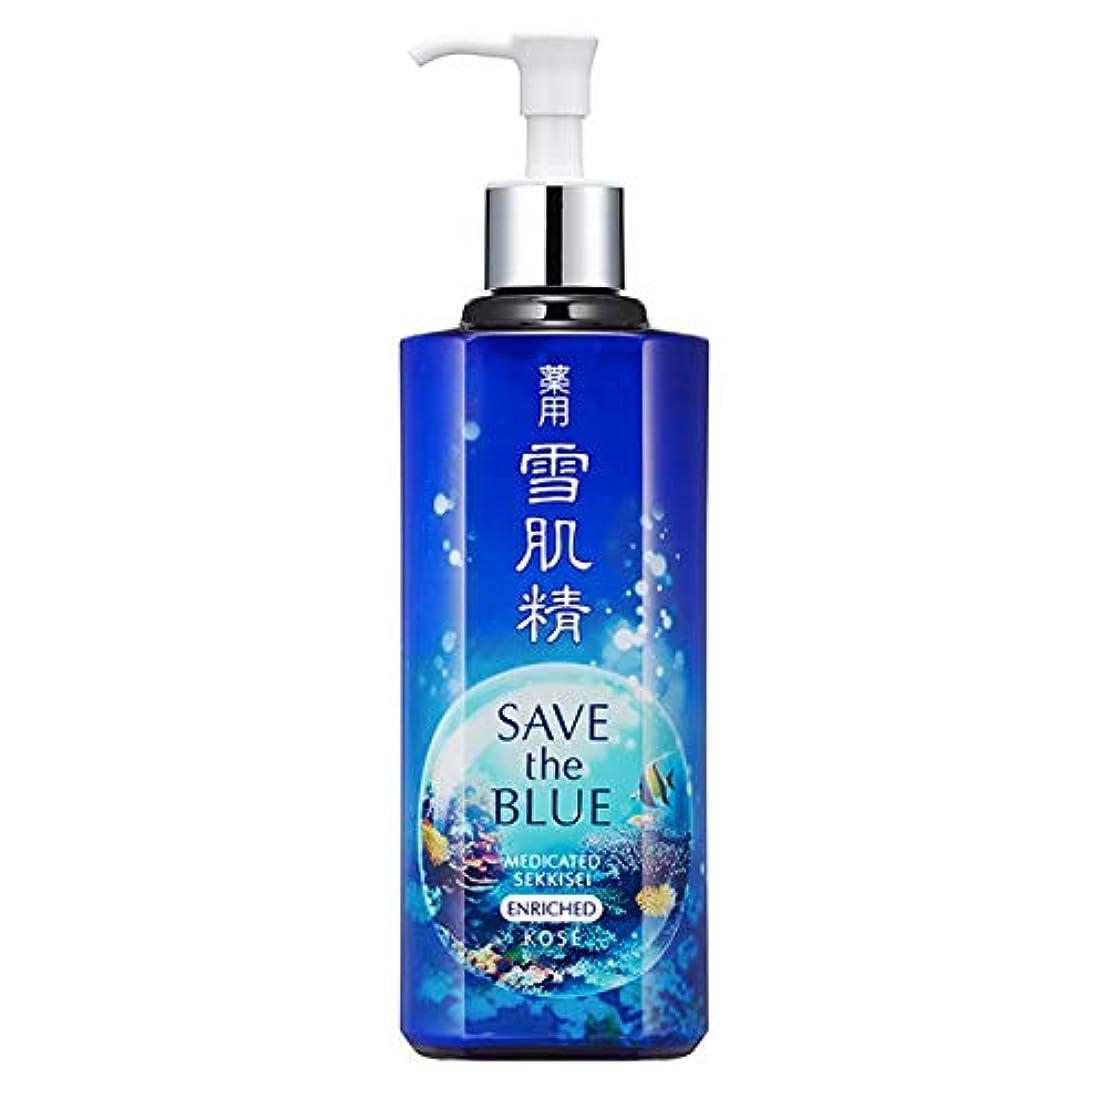 可決博物館カテナコーセー 雪肌精 エンリッチ 「SAVE the BLUE」デザインボトル(しっとりタイプ) 500ml